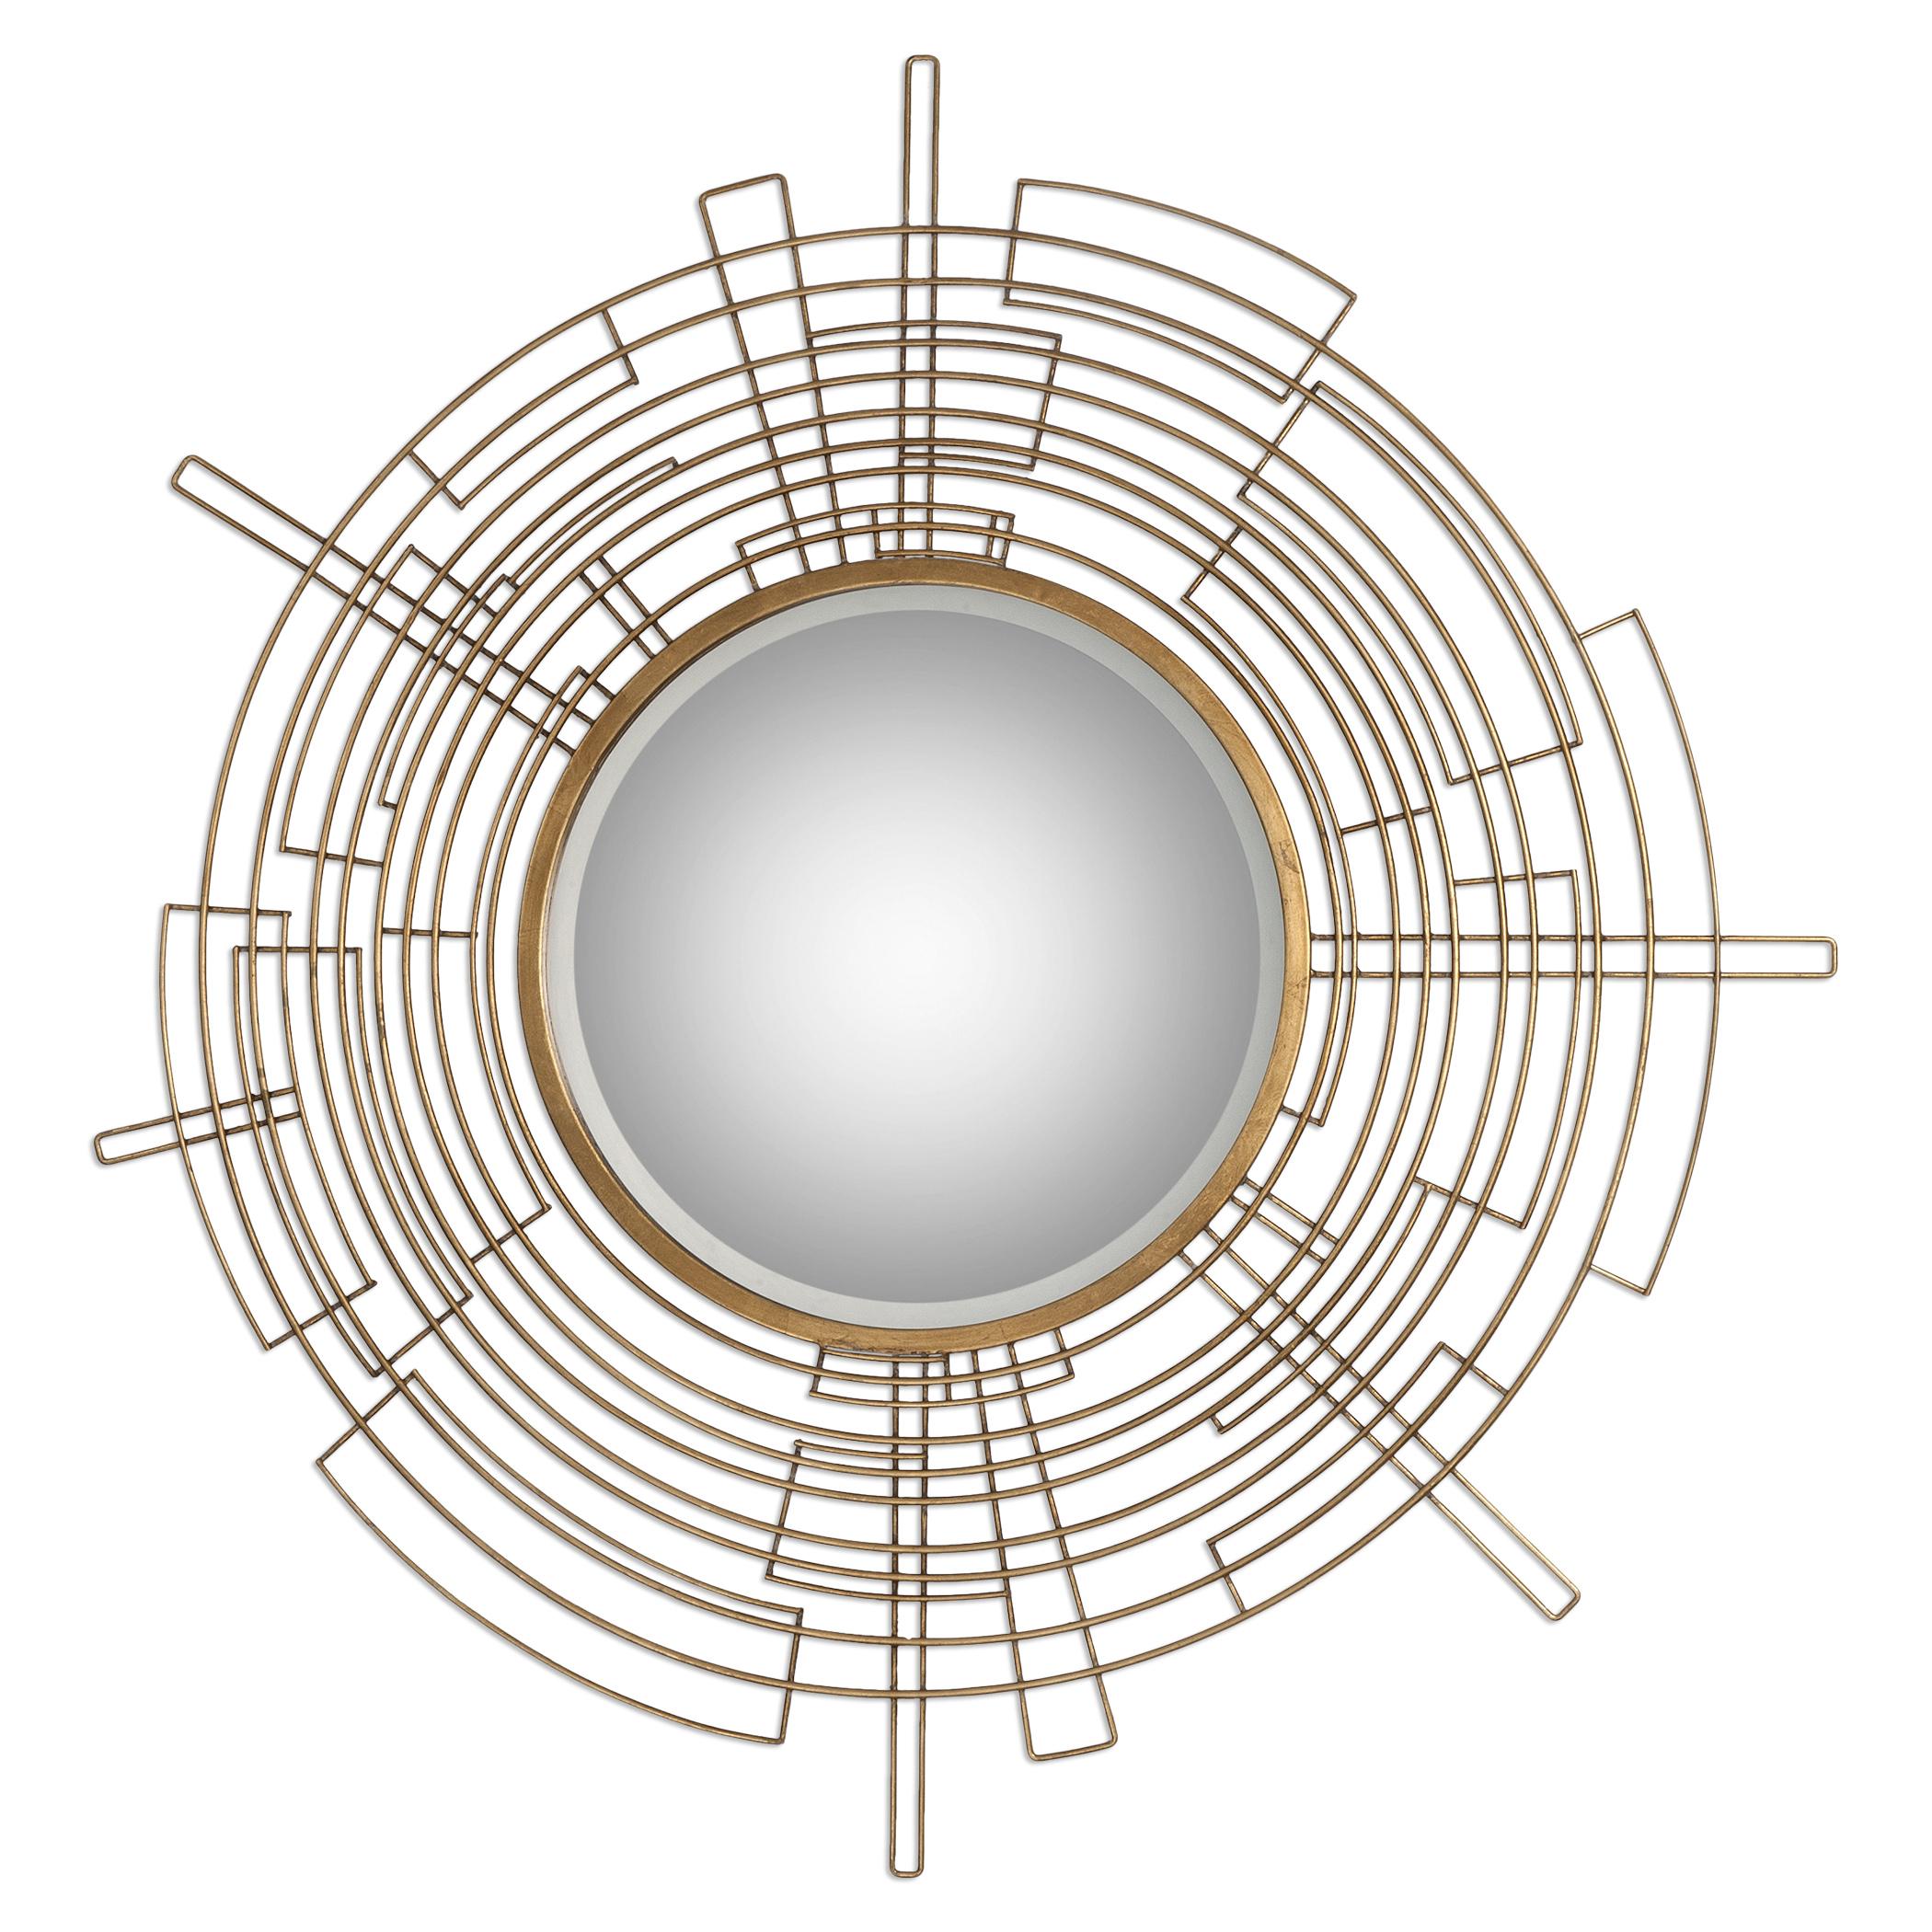 Uttermost Mirrors Vector Round Modern Mirror - Item Number: 09066